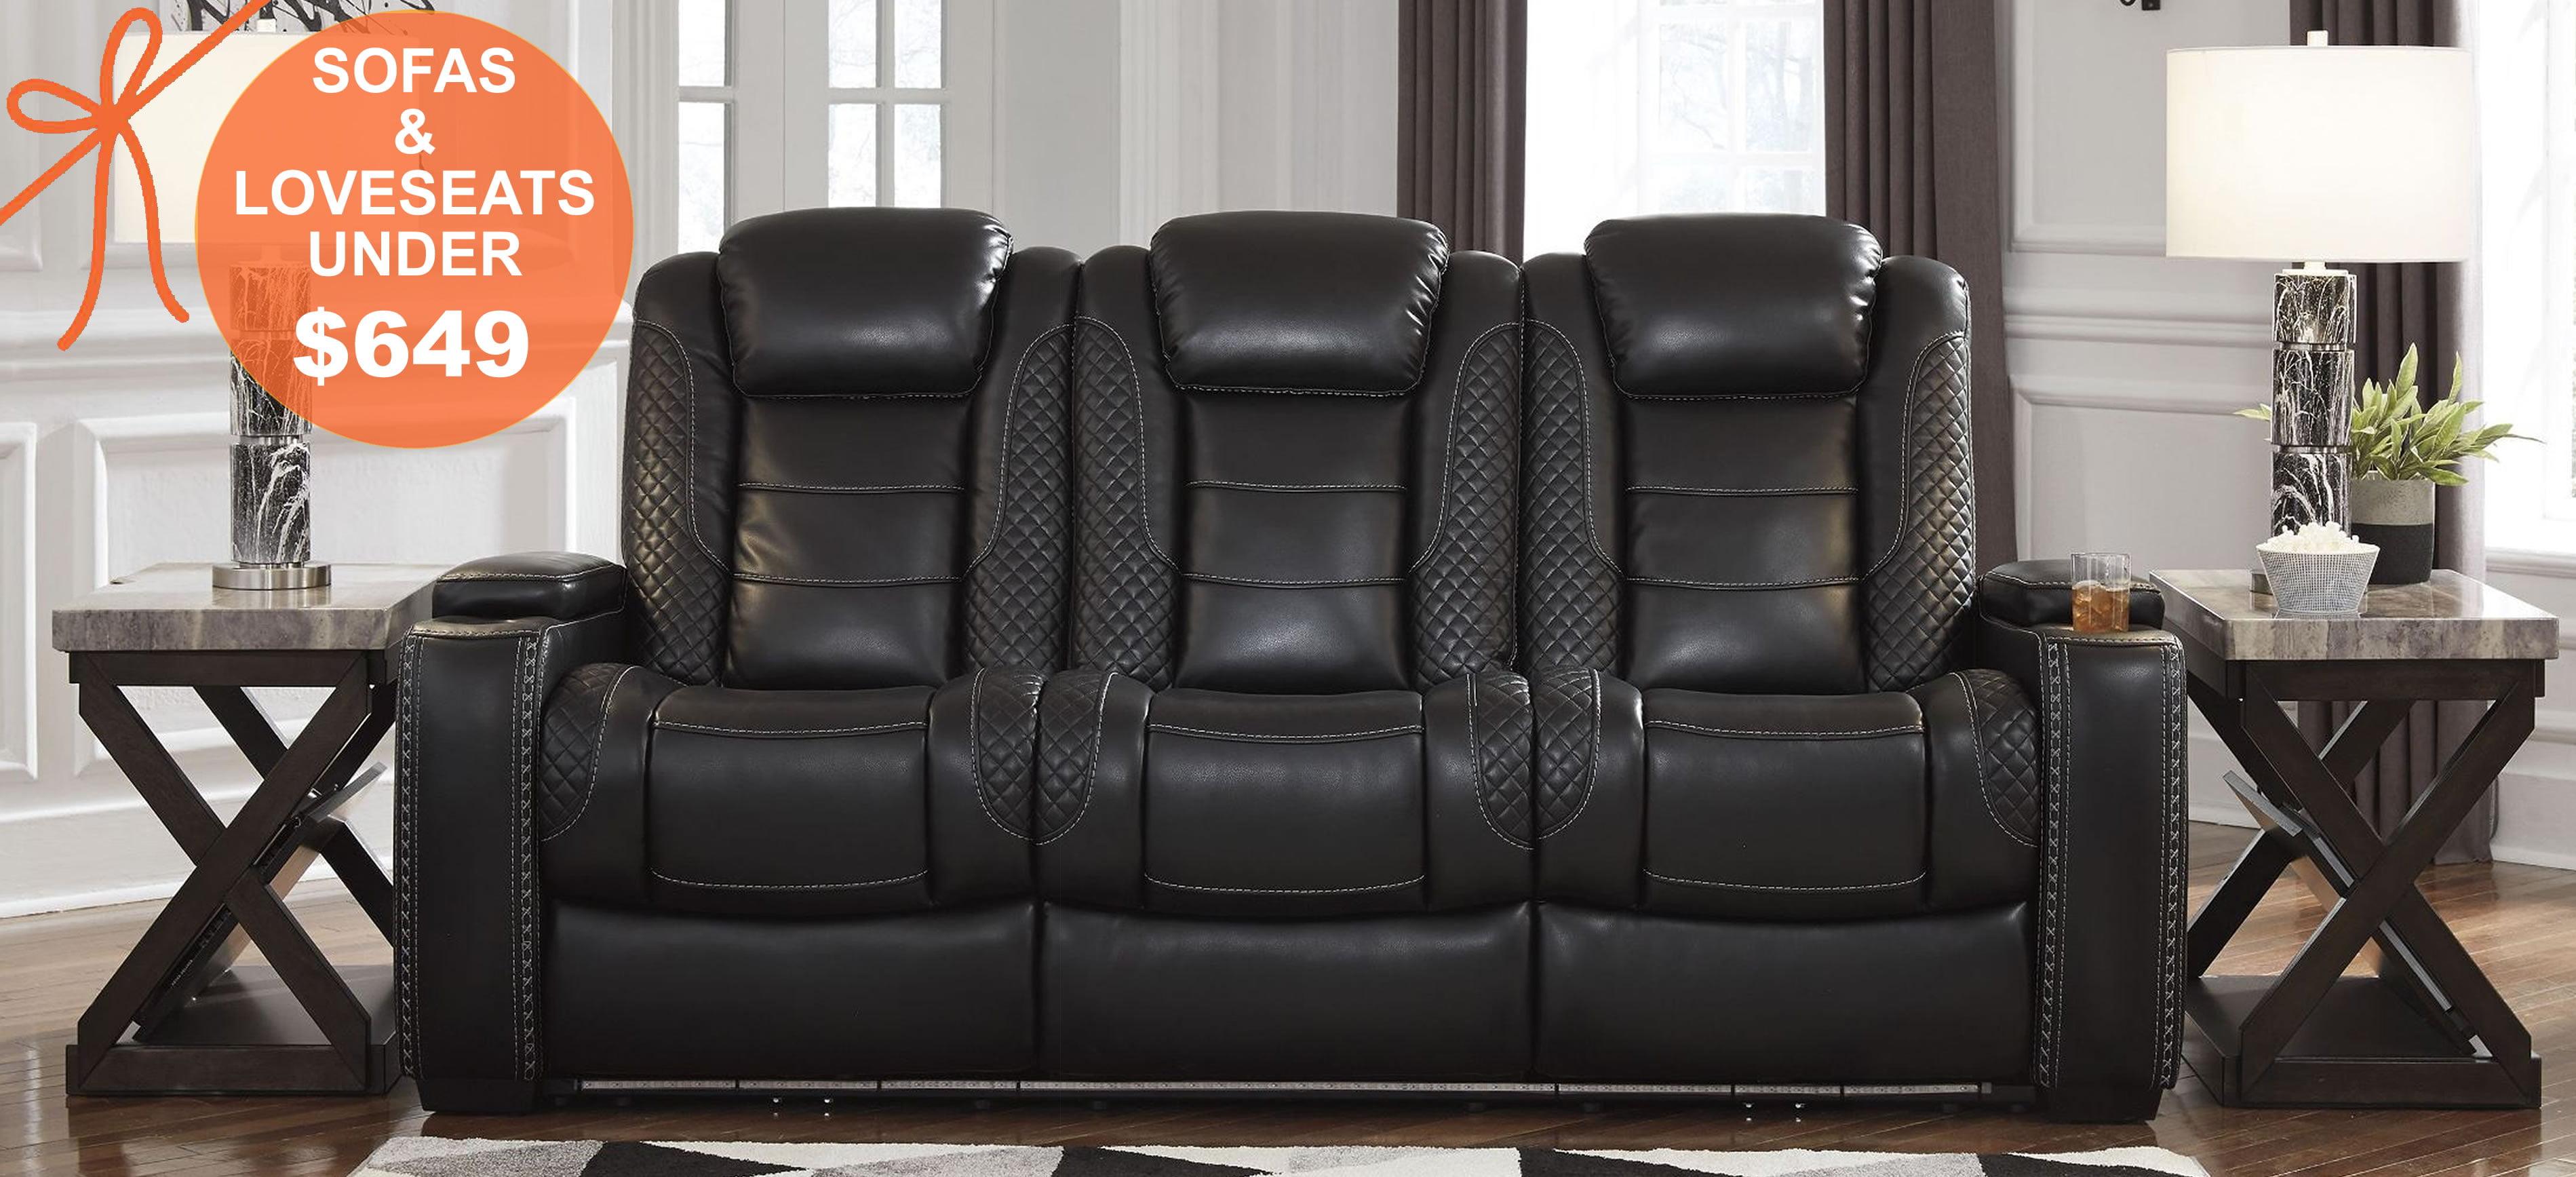 Sofas Under $649